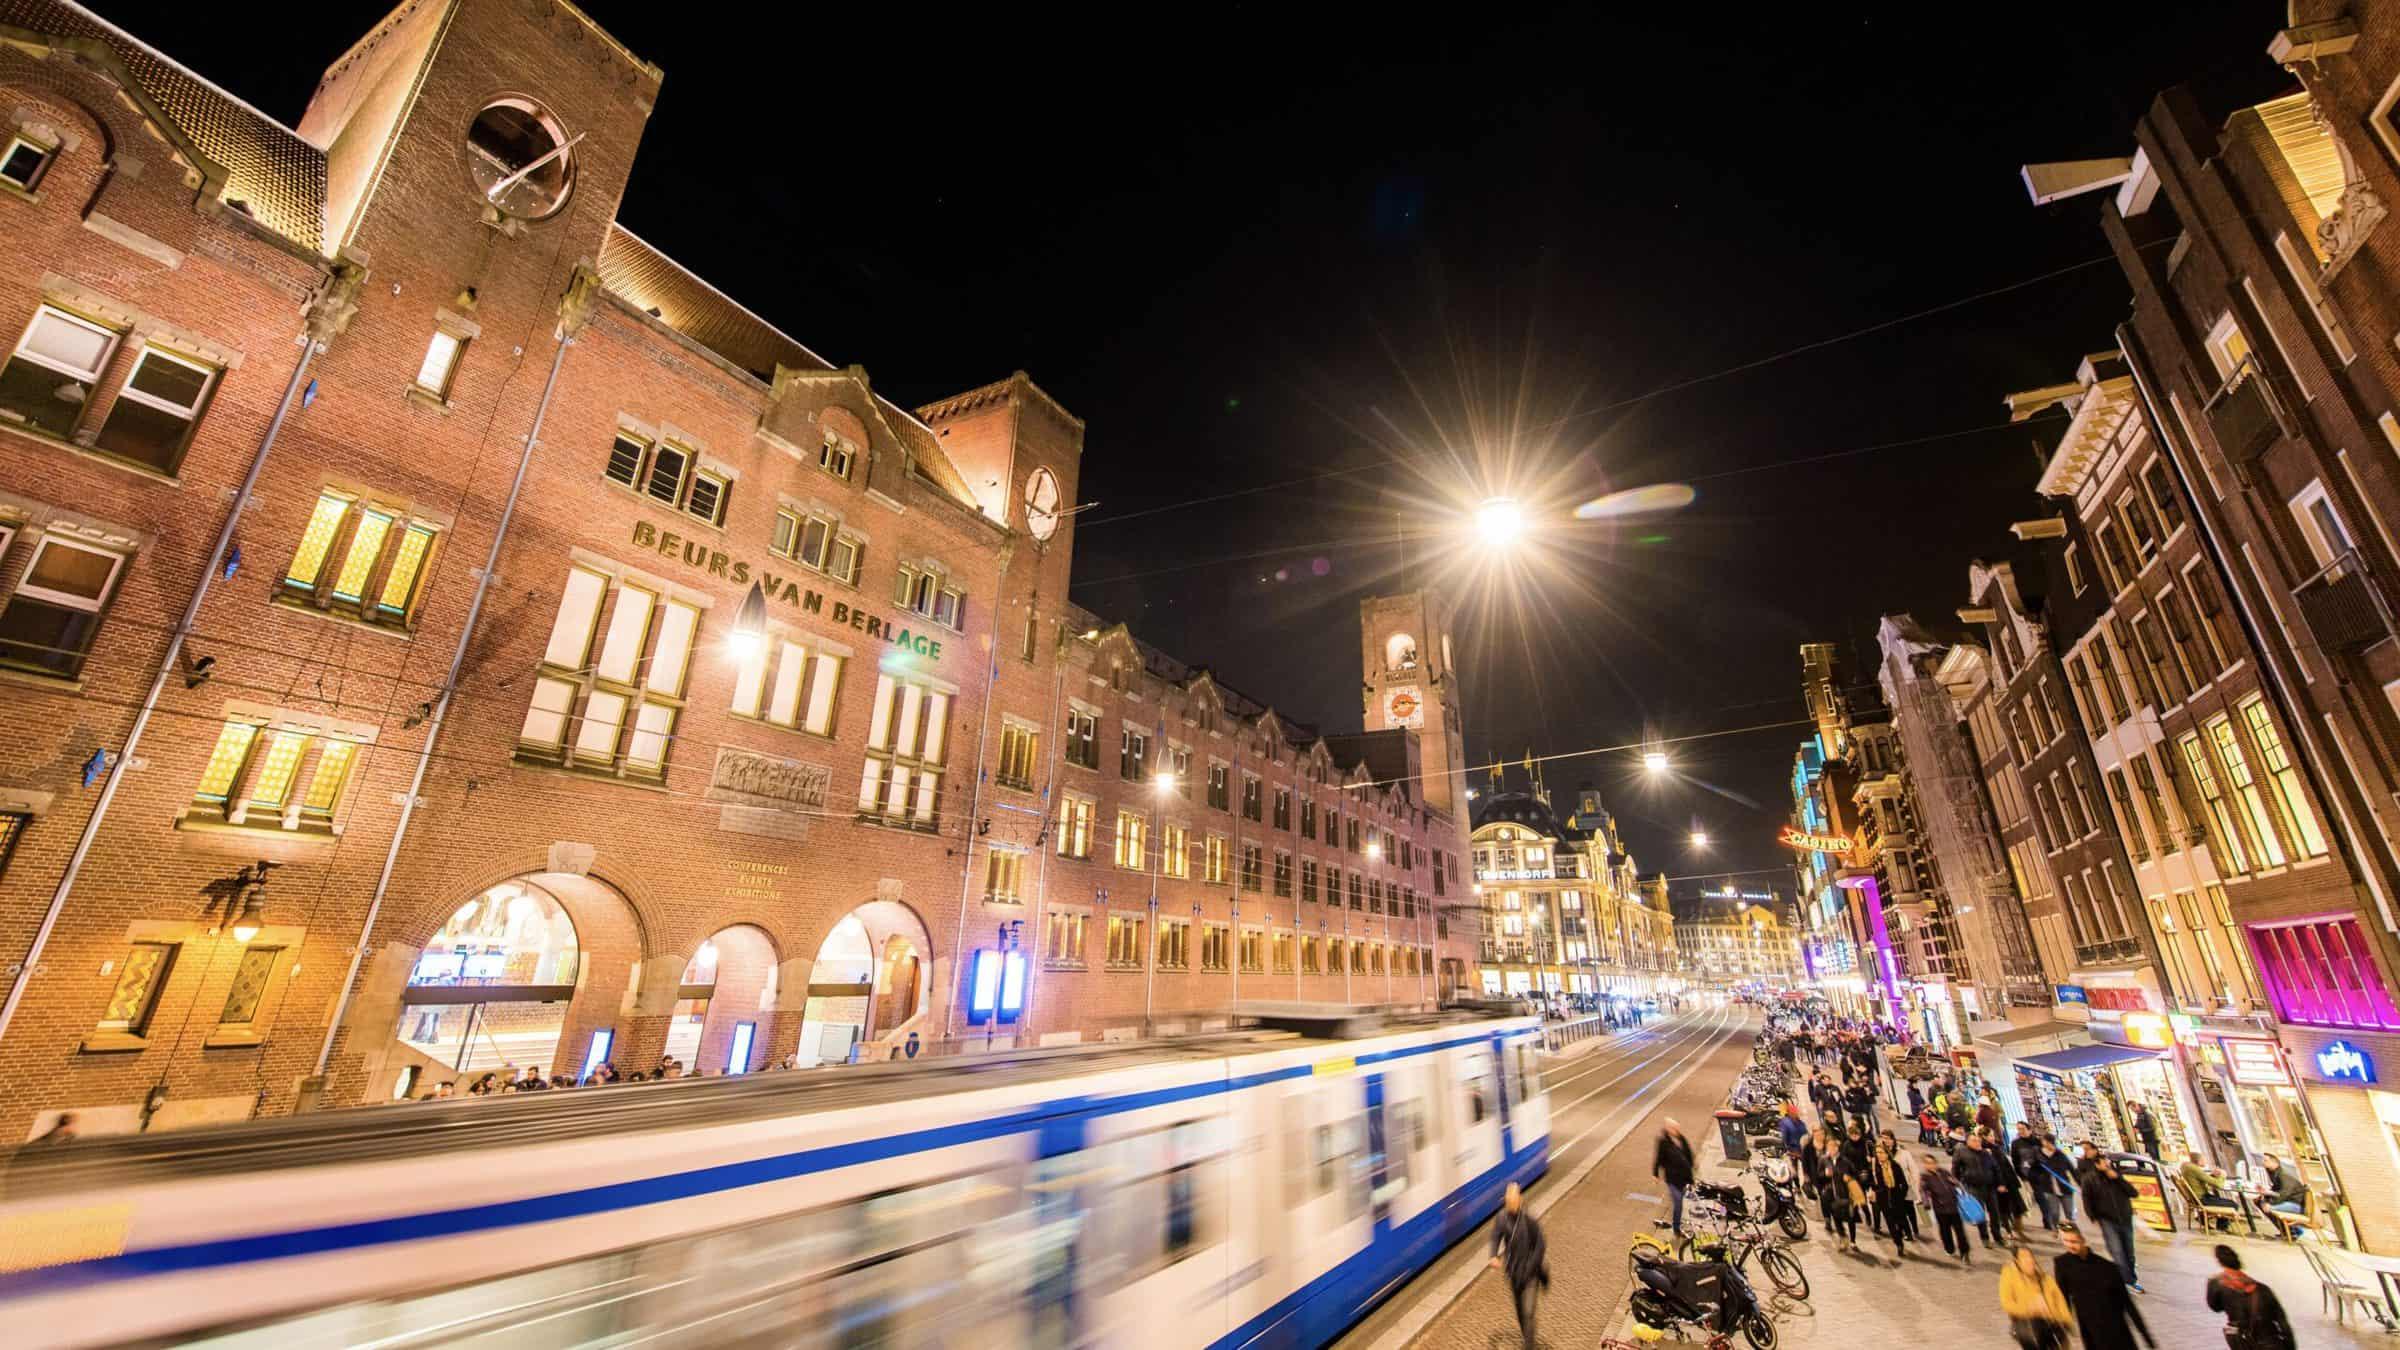 Beurs van Berlage - venue - Amsterdam - entree - gevel - events - evenementenlocatie - gevel - avond